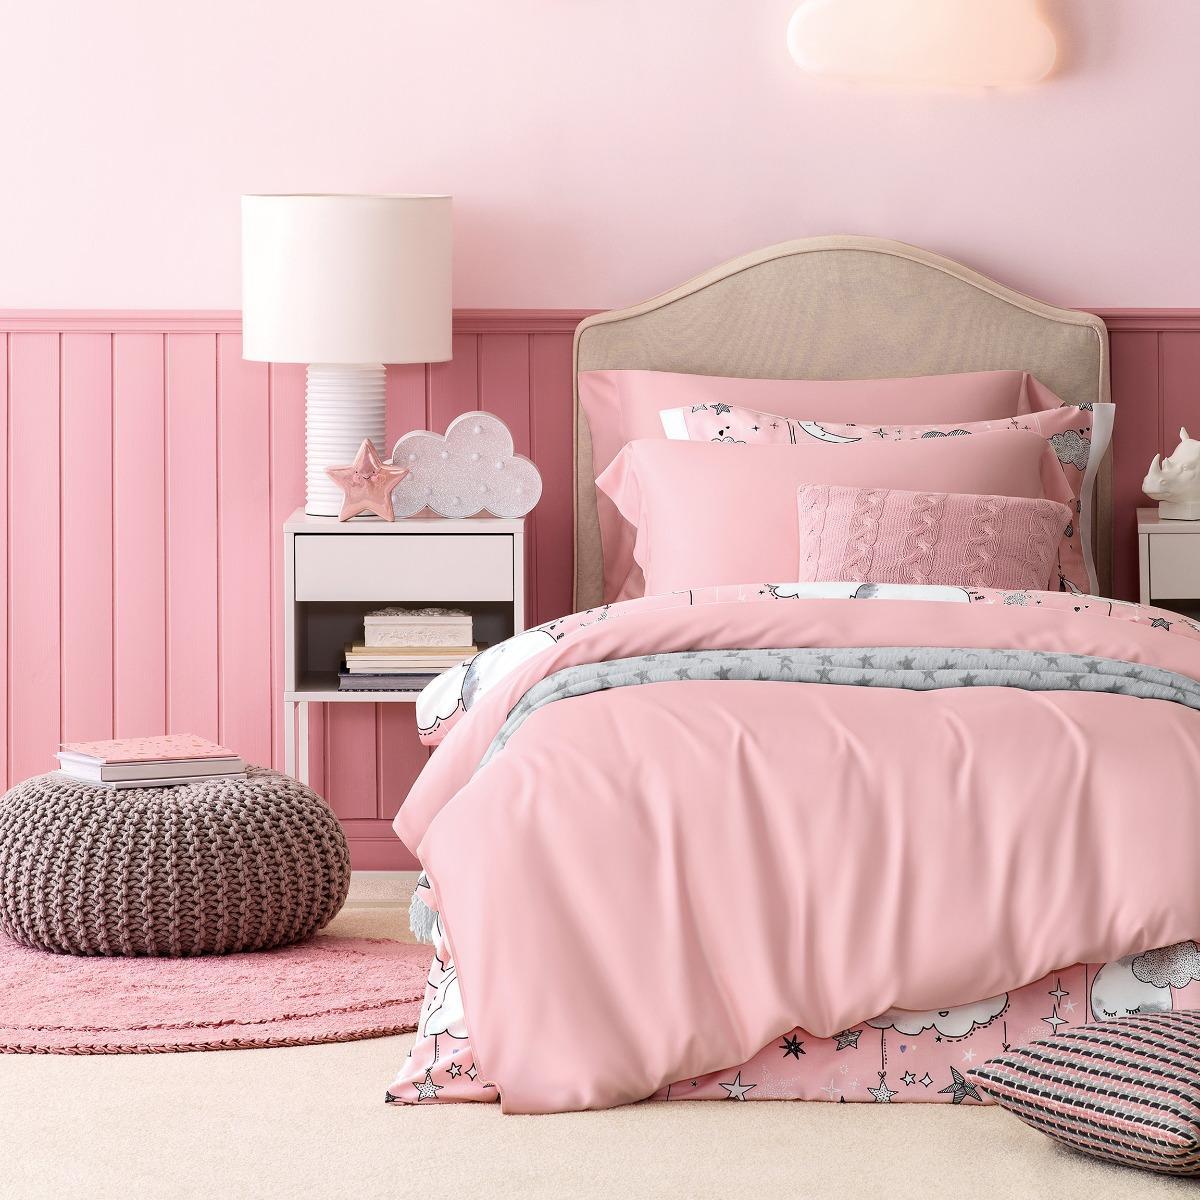 Постельный комплект Kids by togas Сенса розовый детский